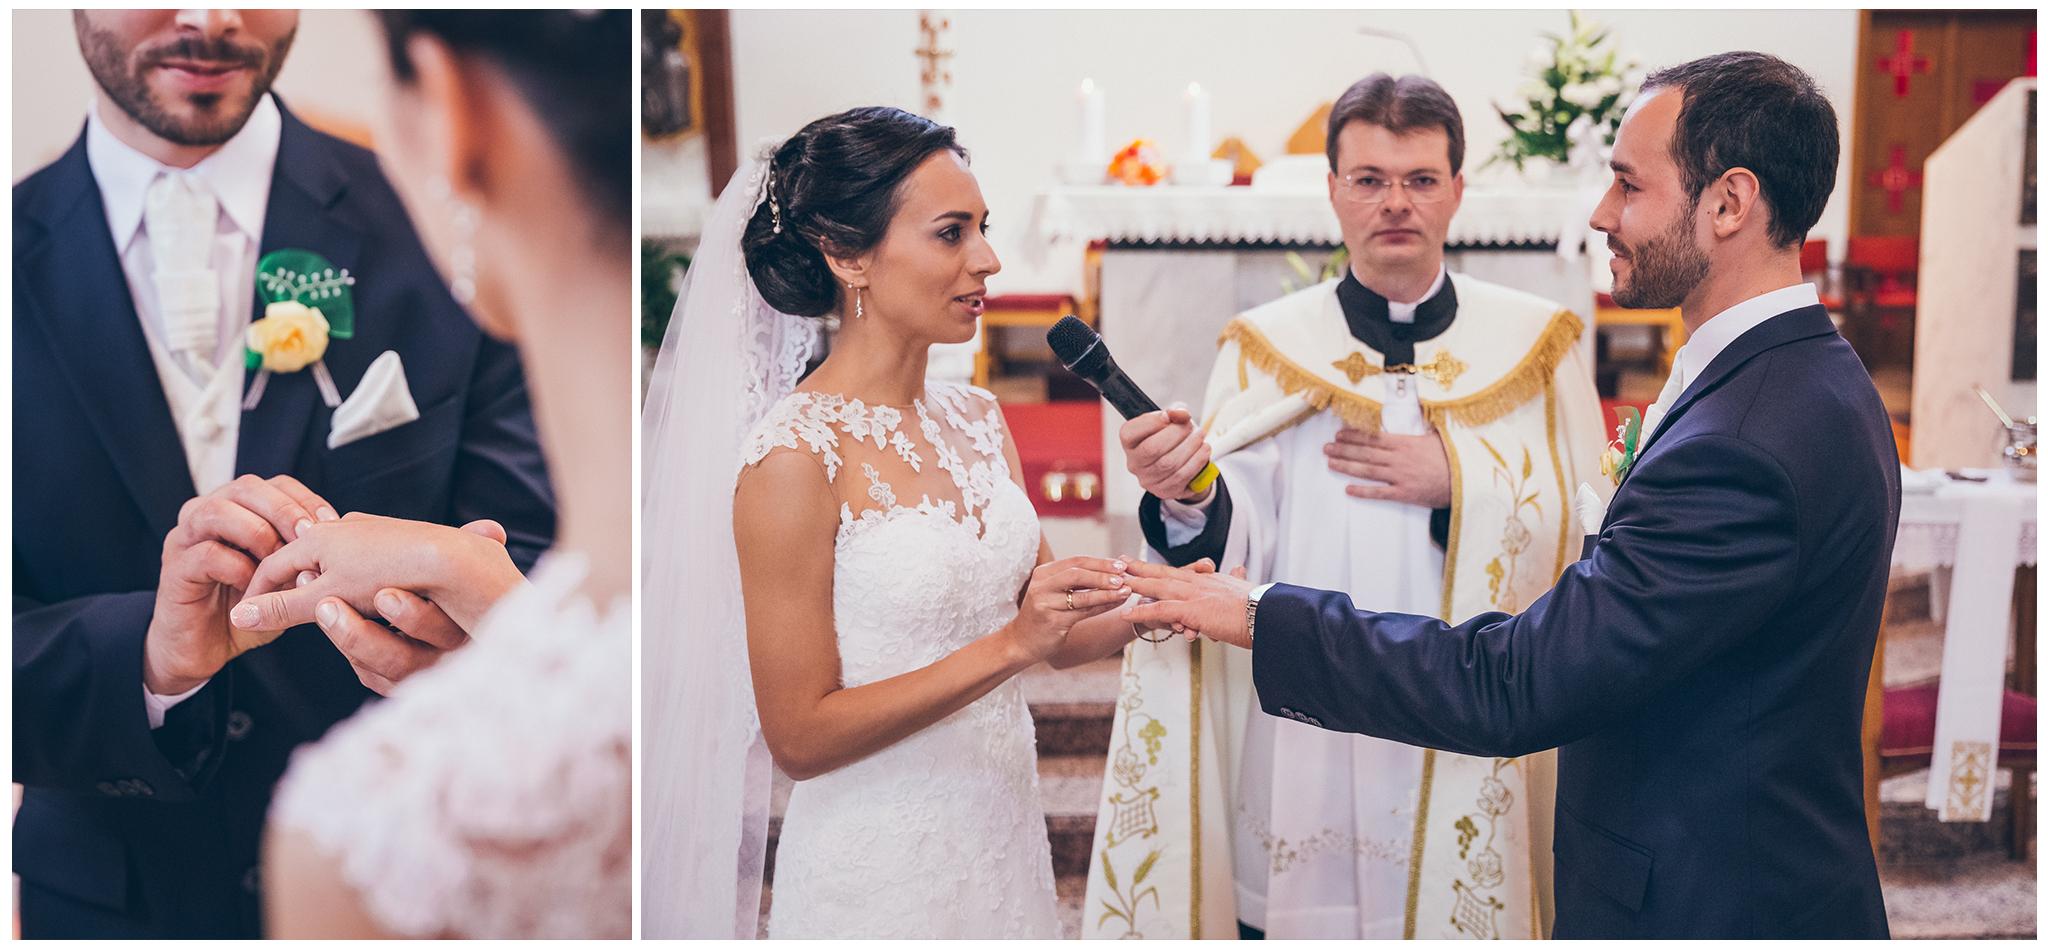 FylepPhoto, esküvőfotós, esküvői fotós Körmend, Szombathely, esküvőfotózás, magyarország, vas megye, prémium, jegyesfotózás, Fülöp Péter, körmend, kreatív, fotográfus_018.jpg